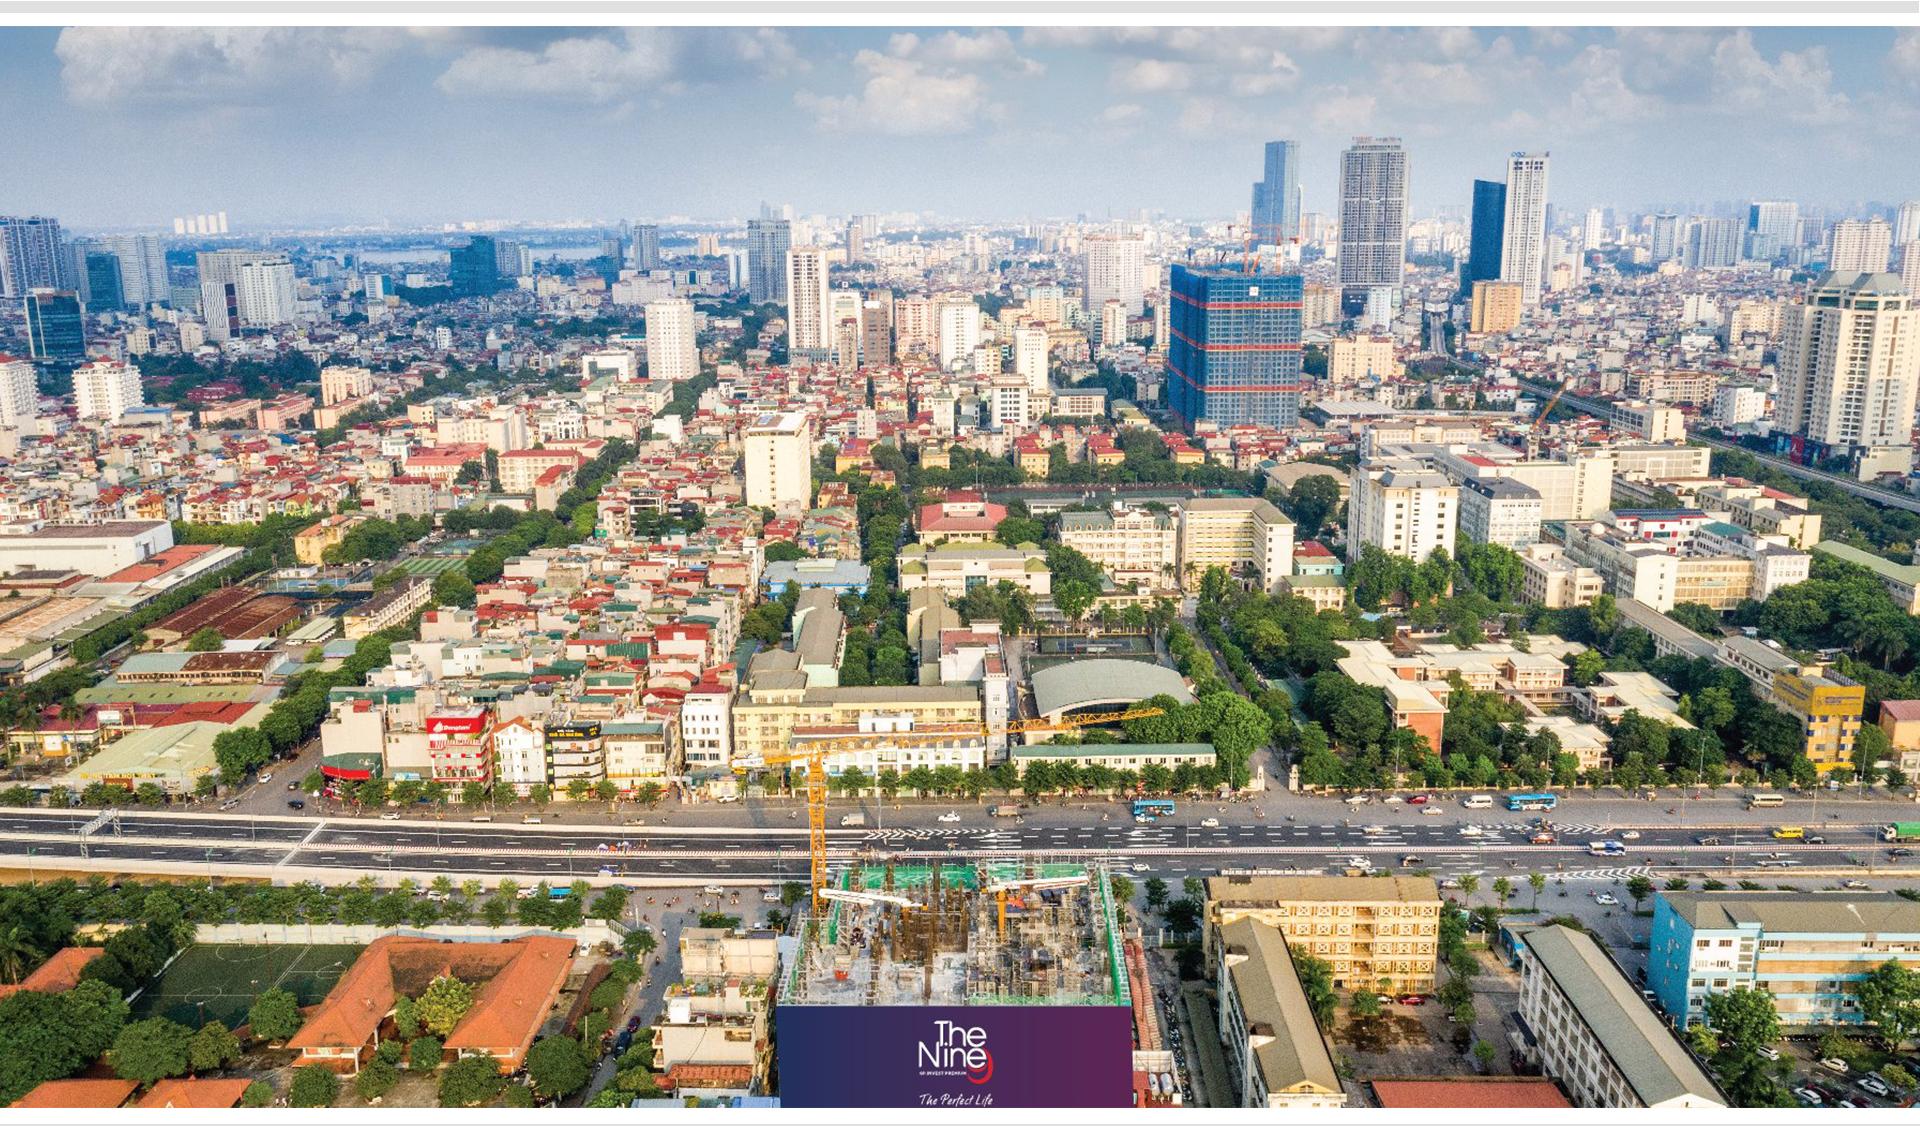 Bộ mặt mới bất động sản Tây Hà Nội sau một thập kỷ 5